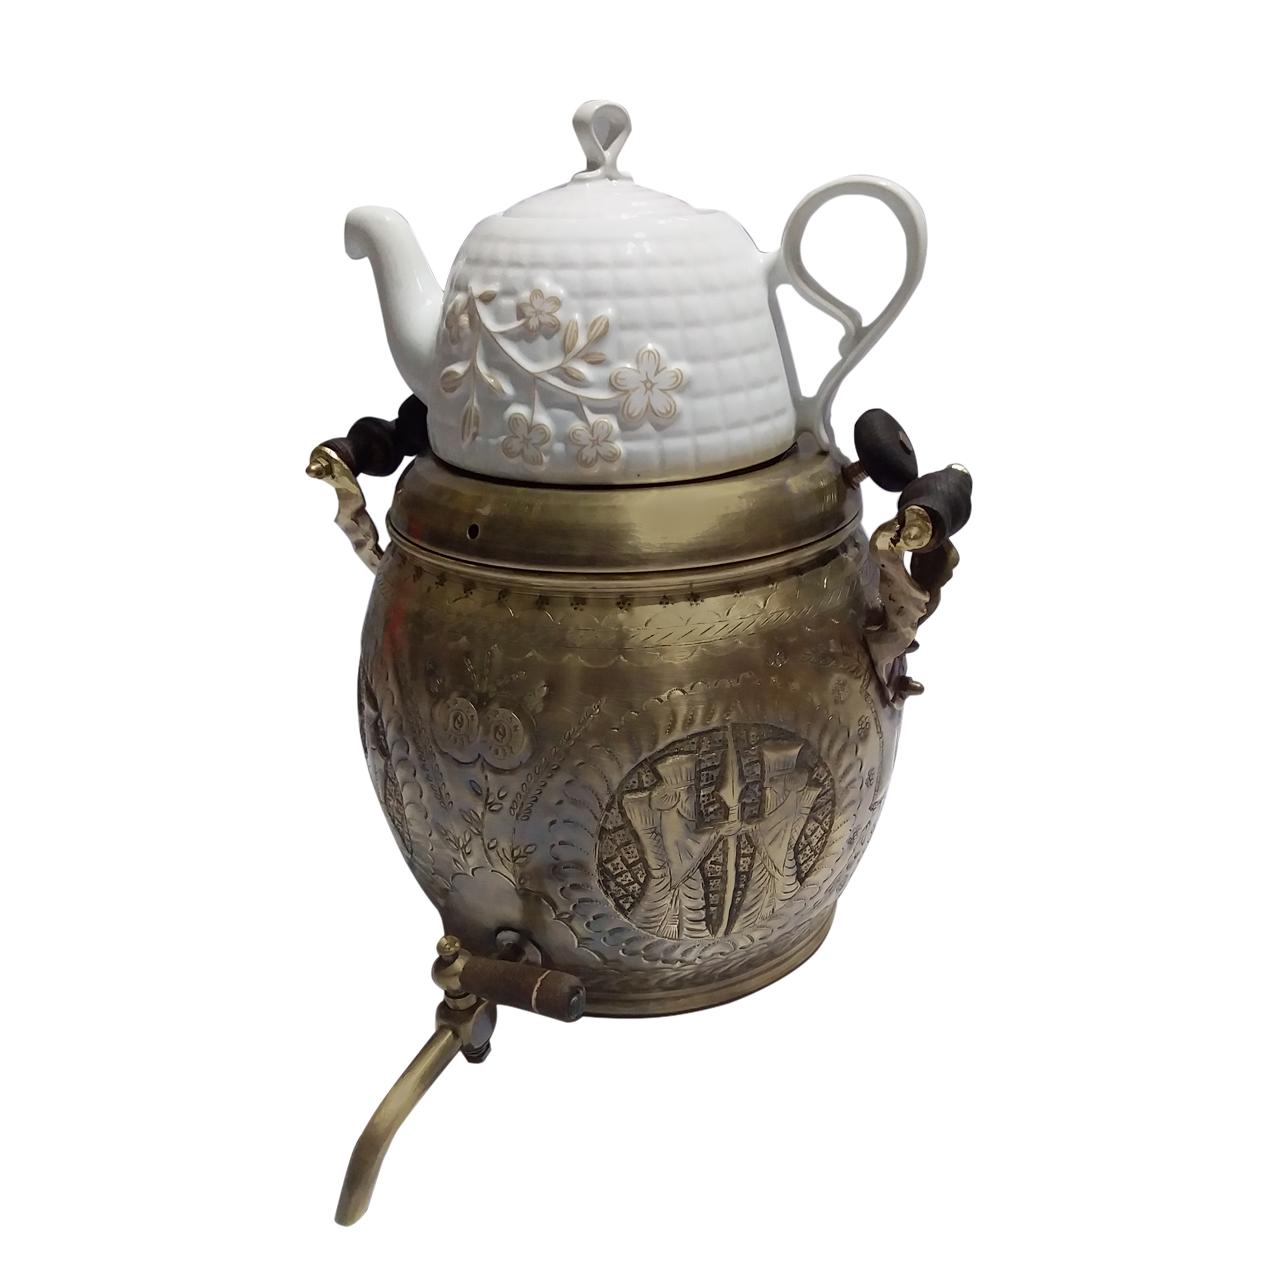 ست کتری و قوری برنجی مدل پلوتون طرح هخامنش کد 1219